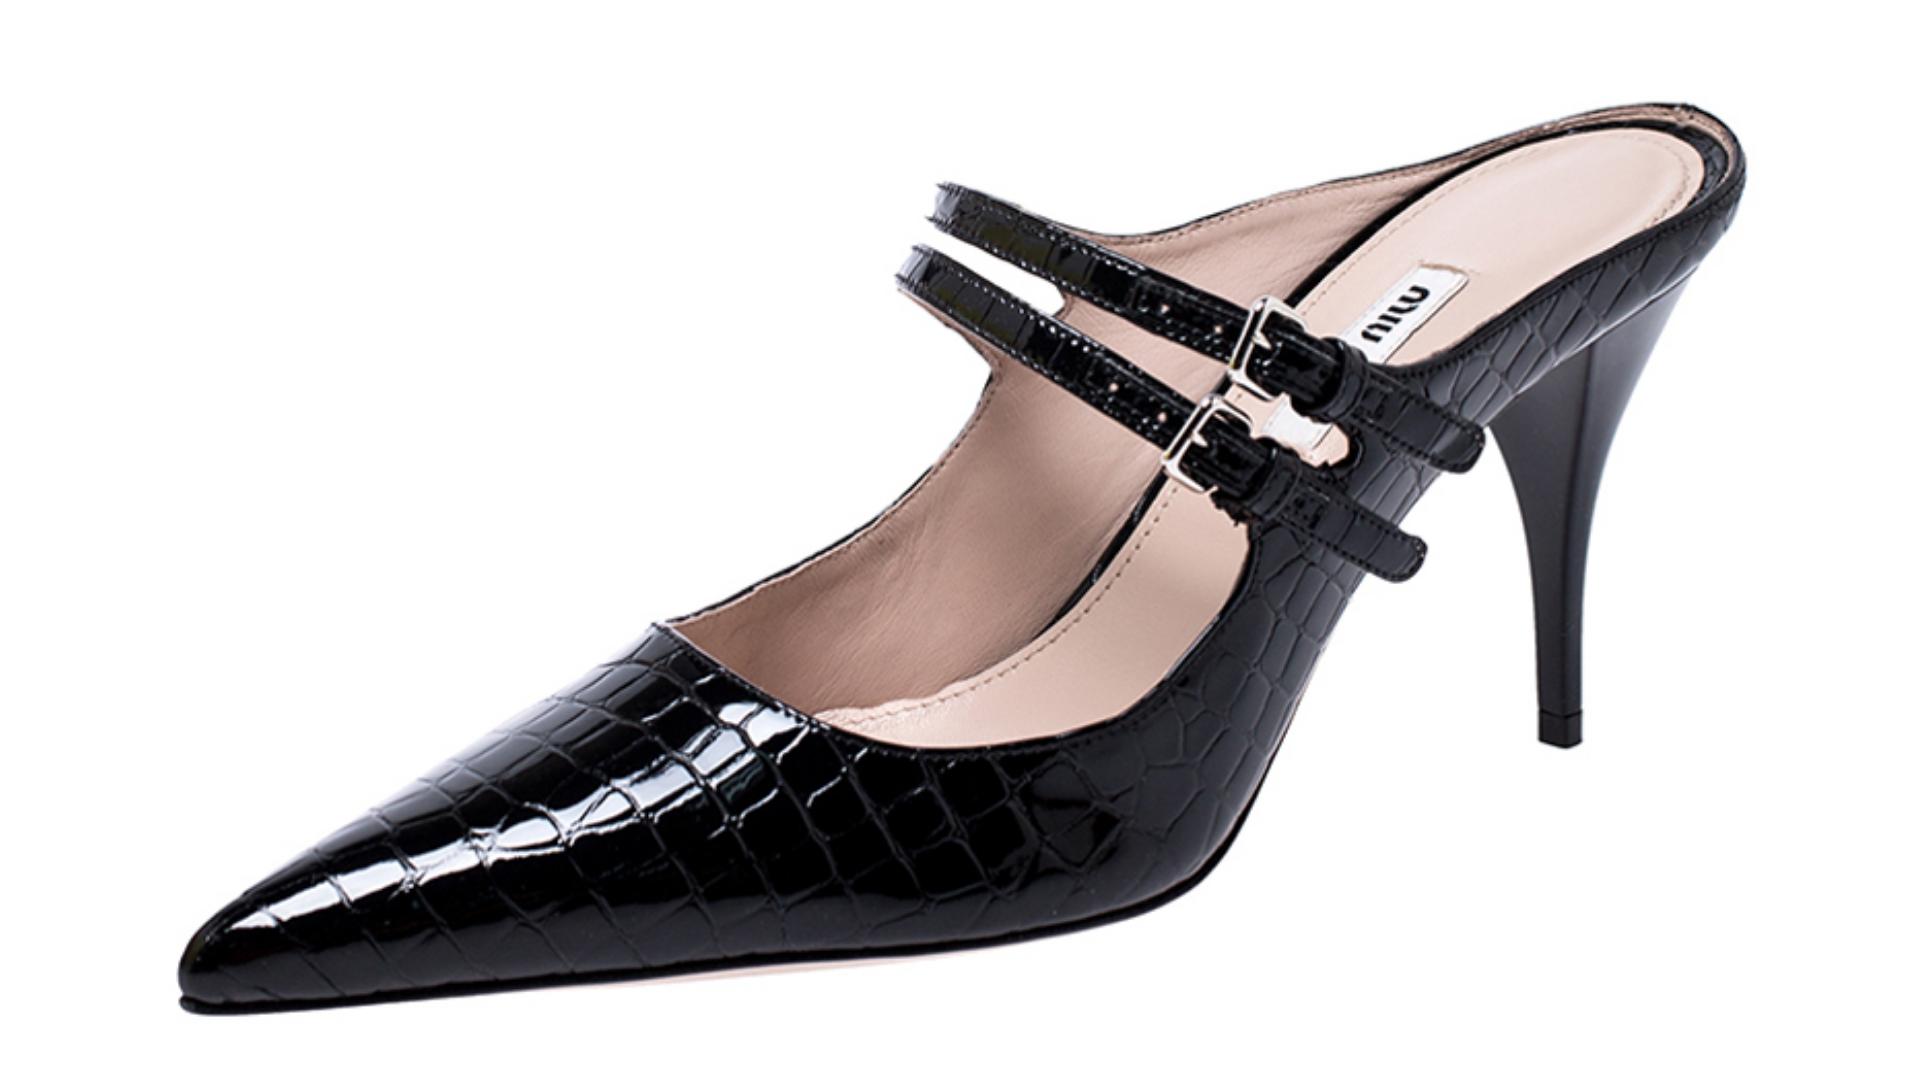 Miu Miu Vintage Heels Black Croc Luxury Closet